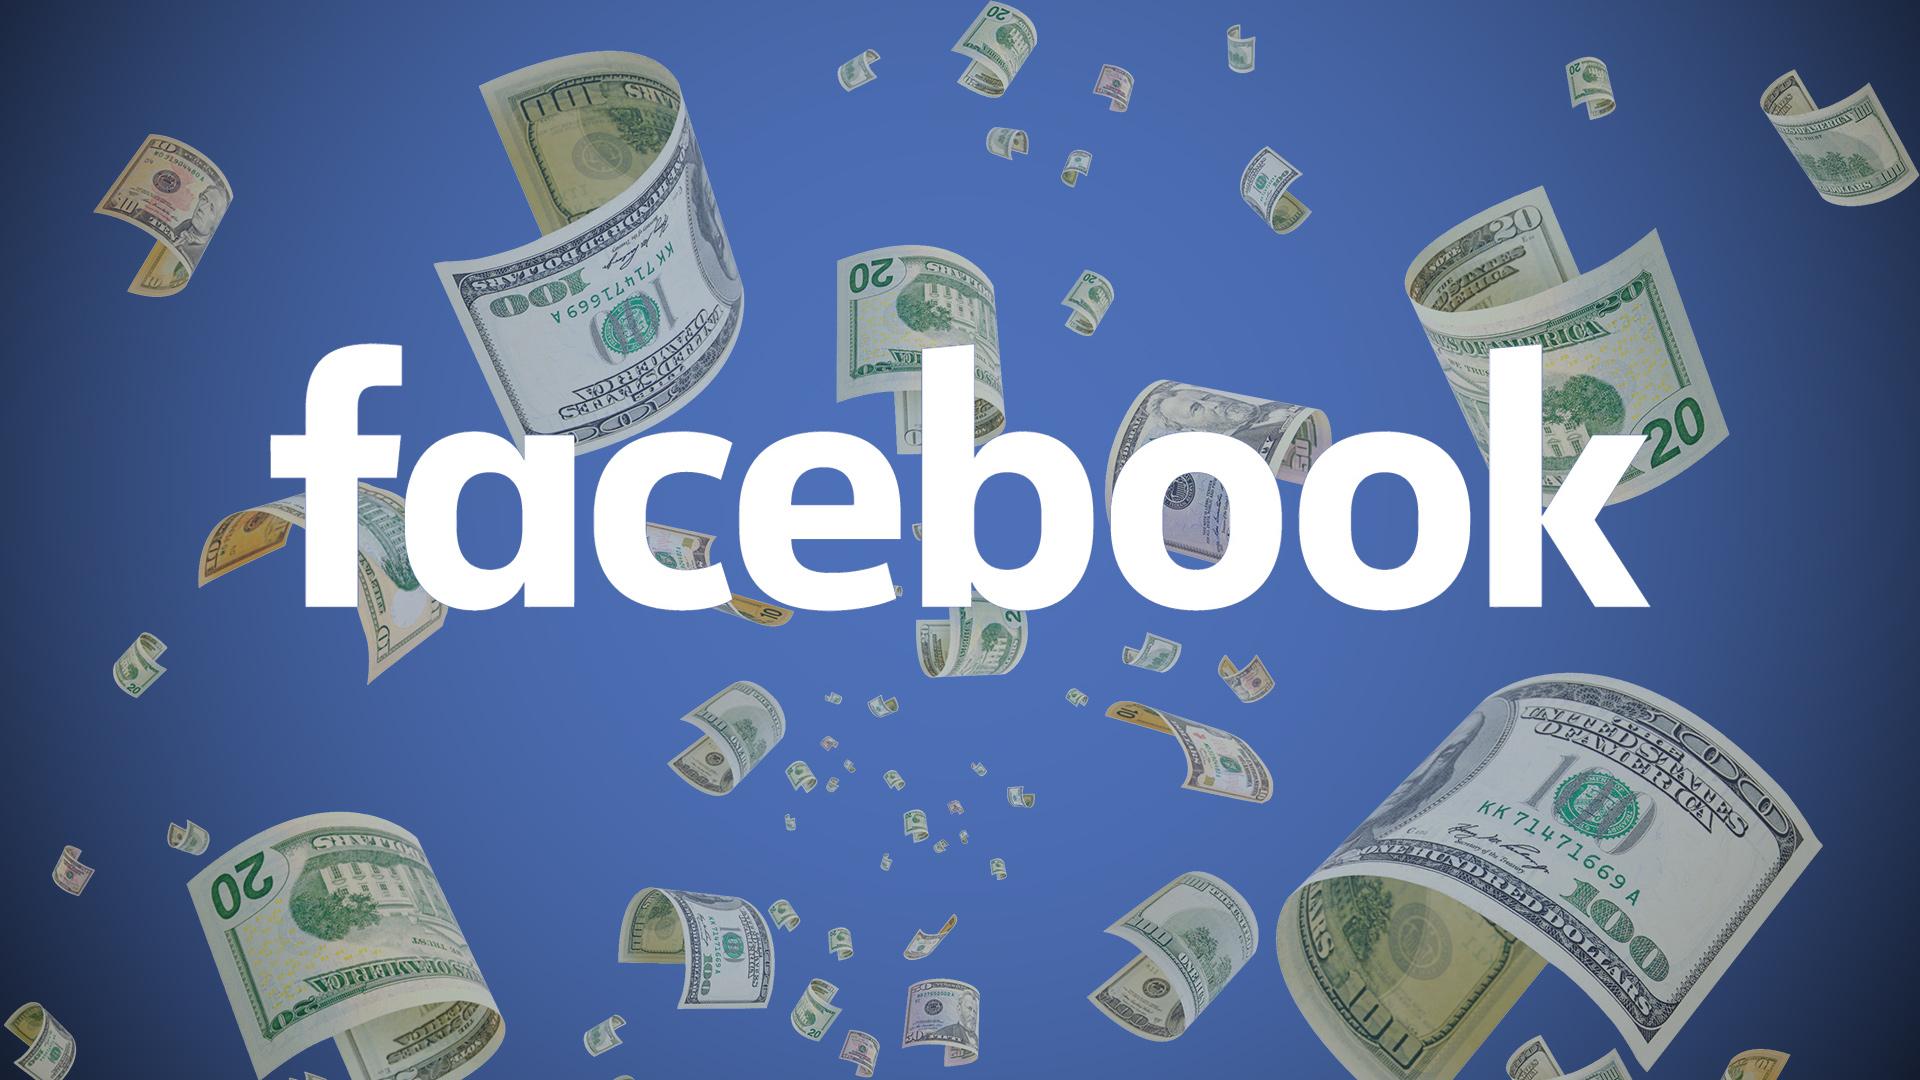 Социальная сеть Facebook используют почти 2 млрд. пользователей вмесяц